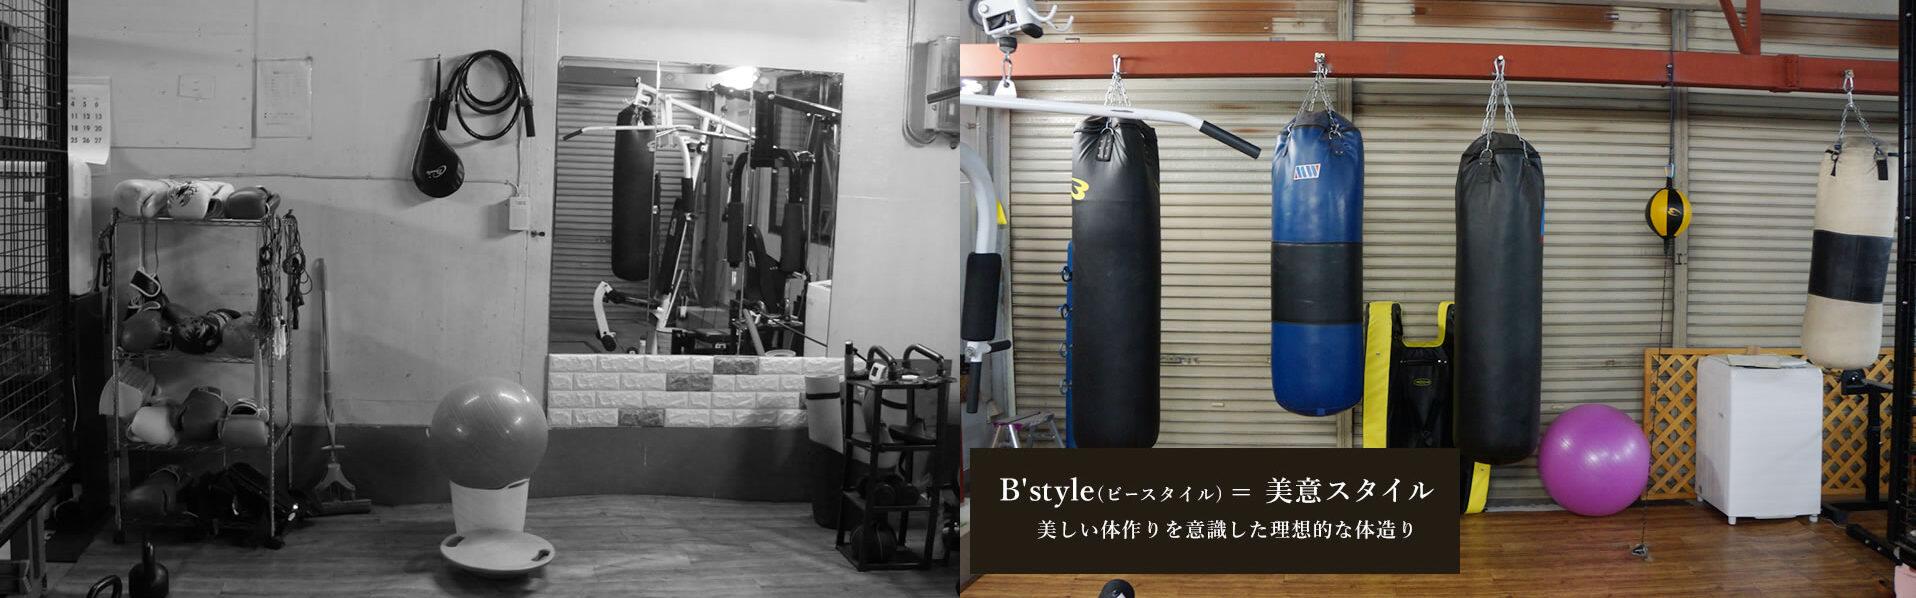 B'style(ビースタイル) = 美意スタイル美しい体作りを意識した理想的な体造り